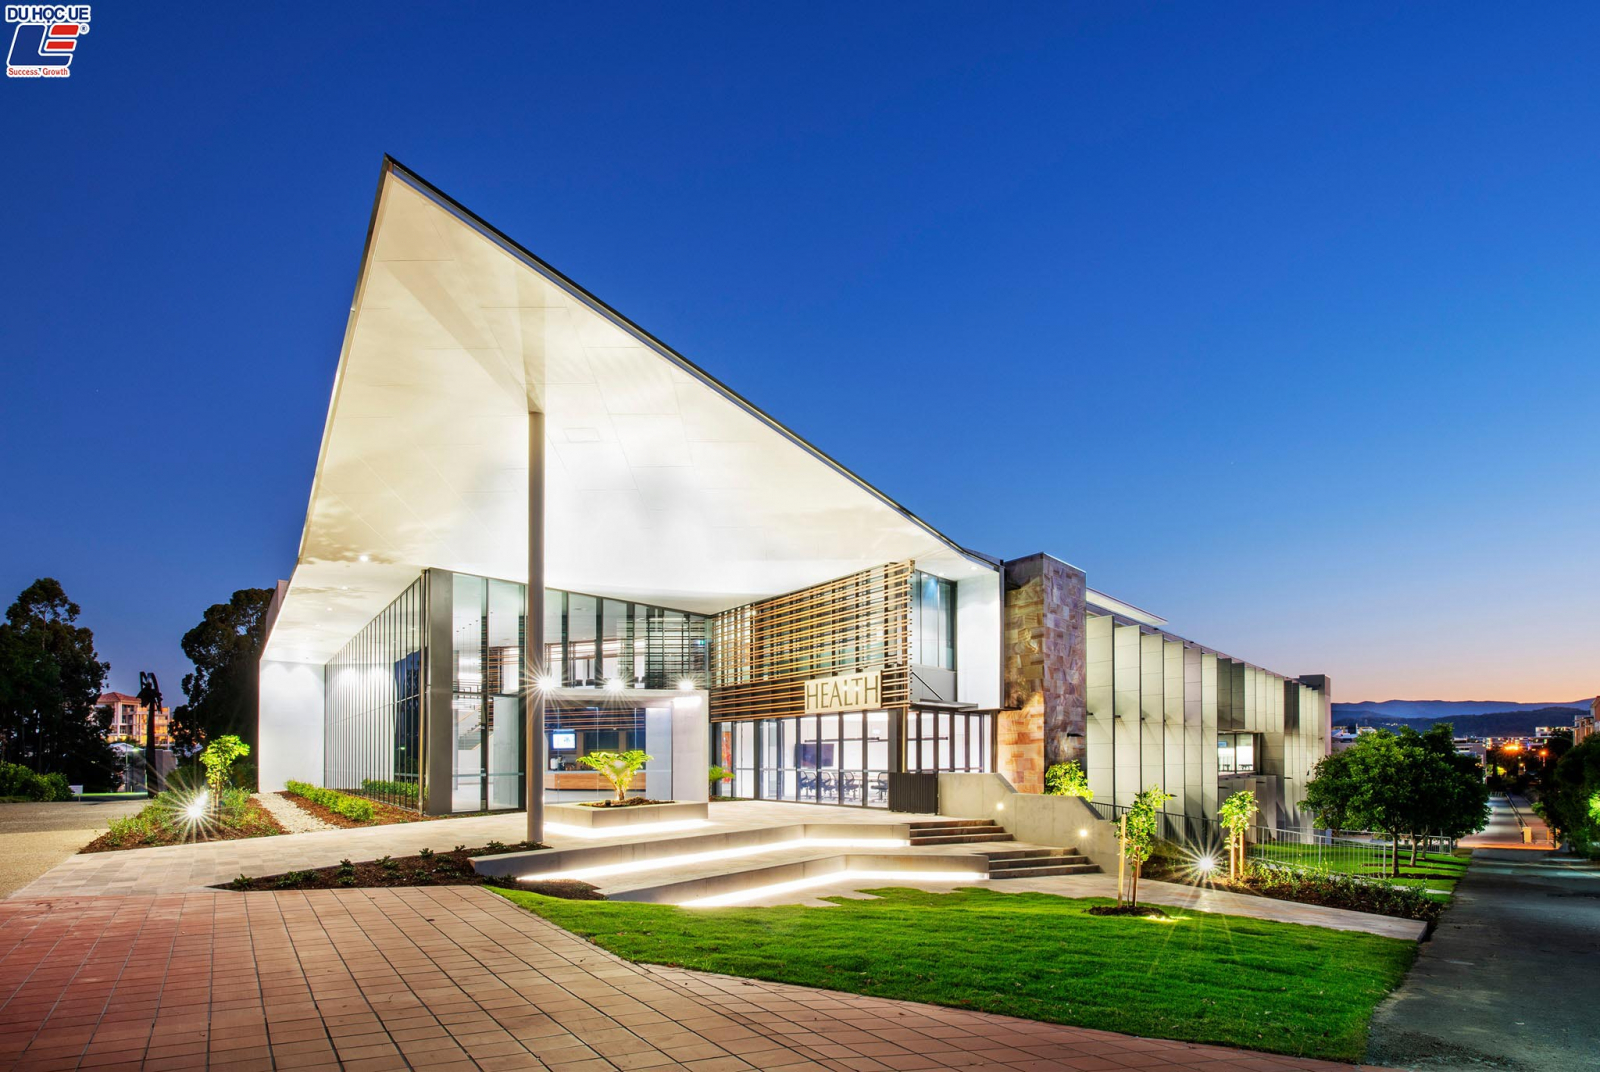 Bond University - Học bổng khủng tại thành phố biển ở Úc 2